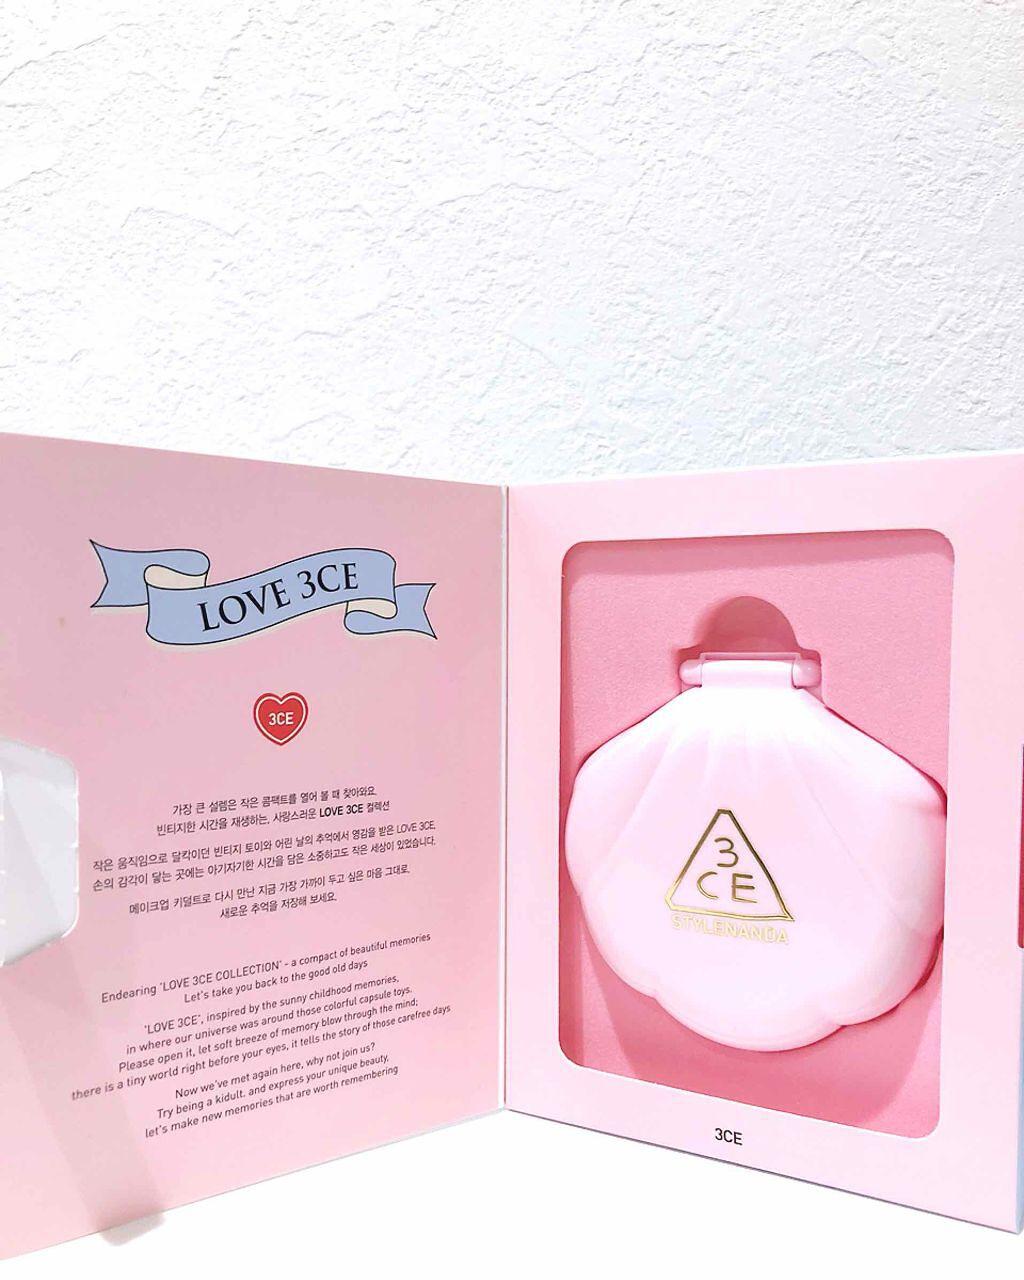 LOVE 3CE baby glow cushion 002/3CE/その他ファンデーションを使ったクチコミ(2枚目)